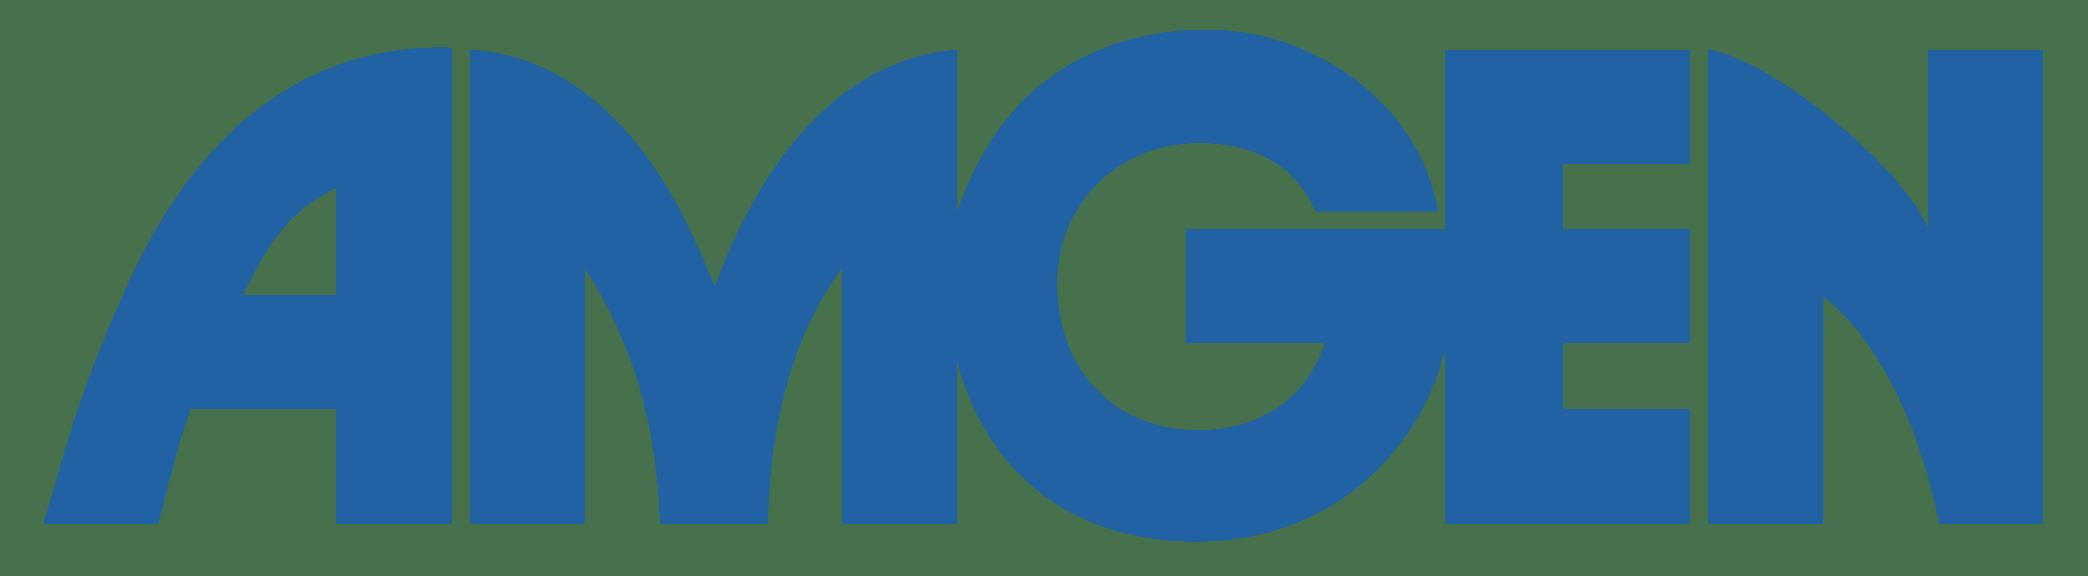 Amgen-Logo-PNG-Transparent